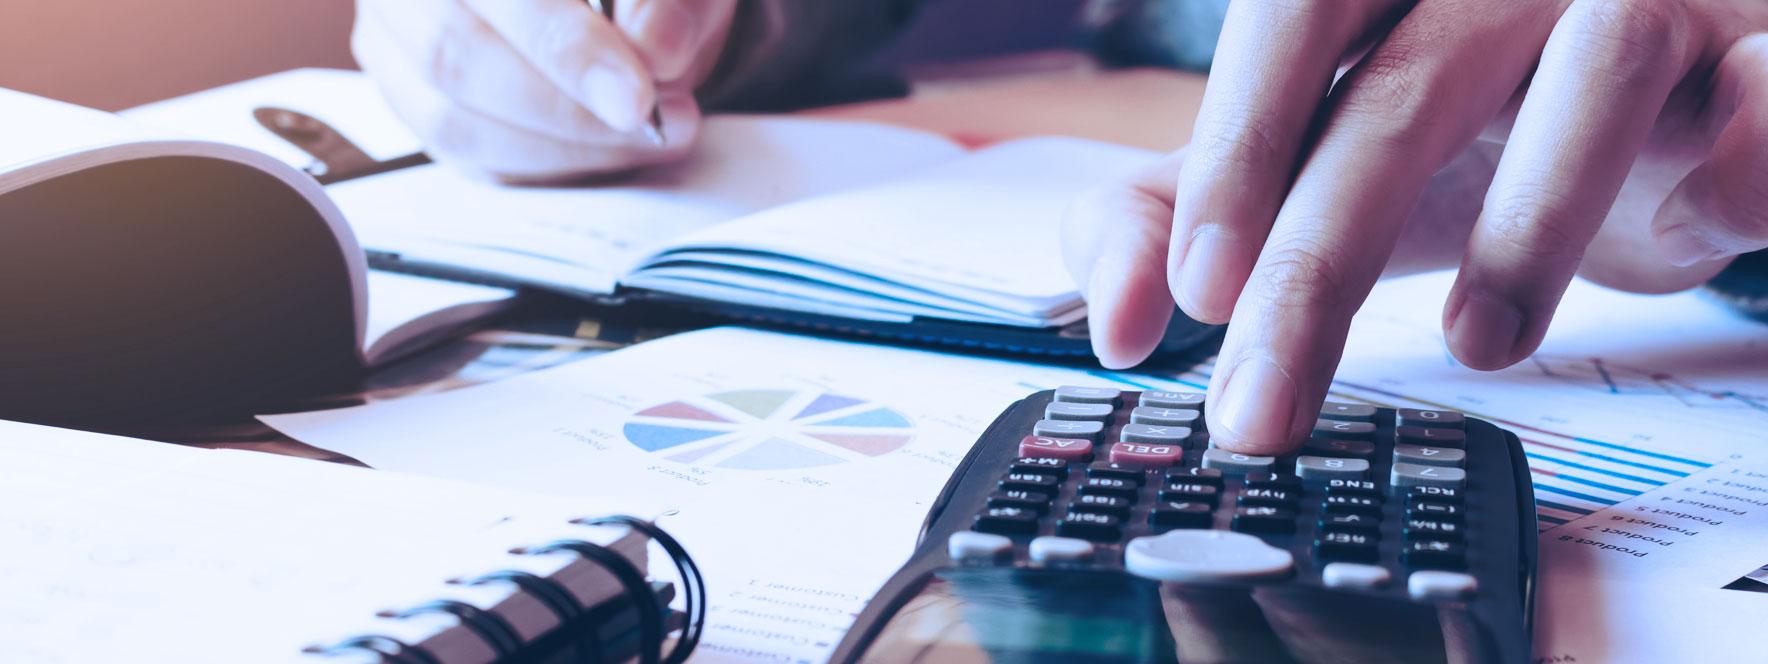 Faire un budget et établir son seuil de rentabilité - Blogue du Réseau